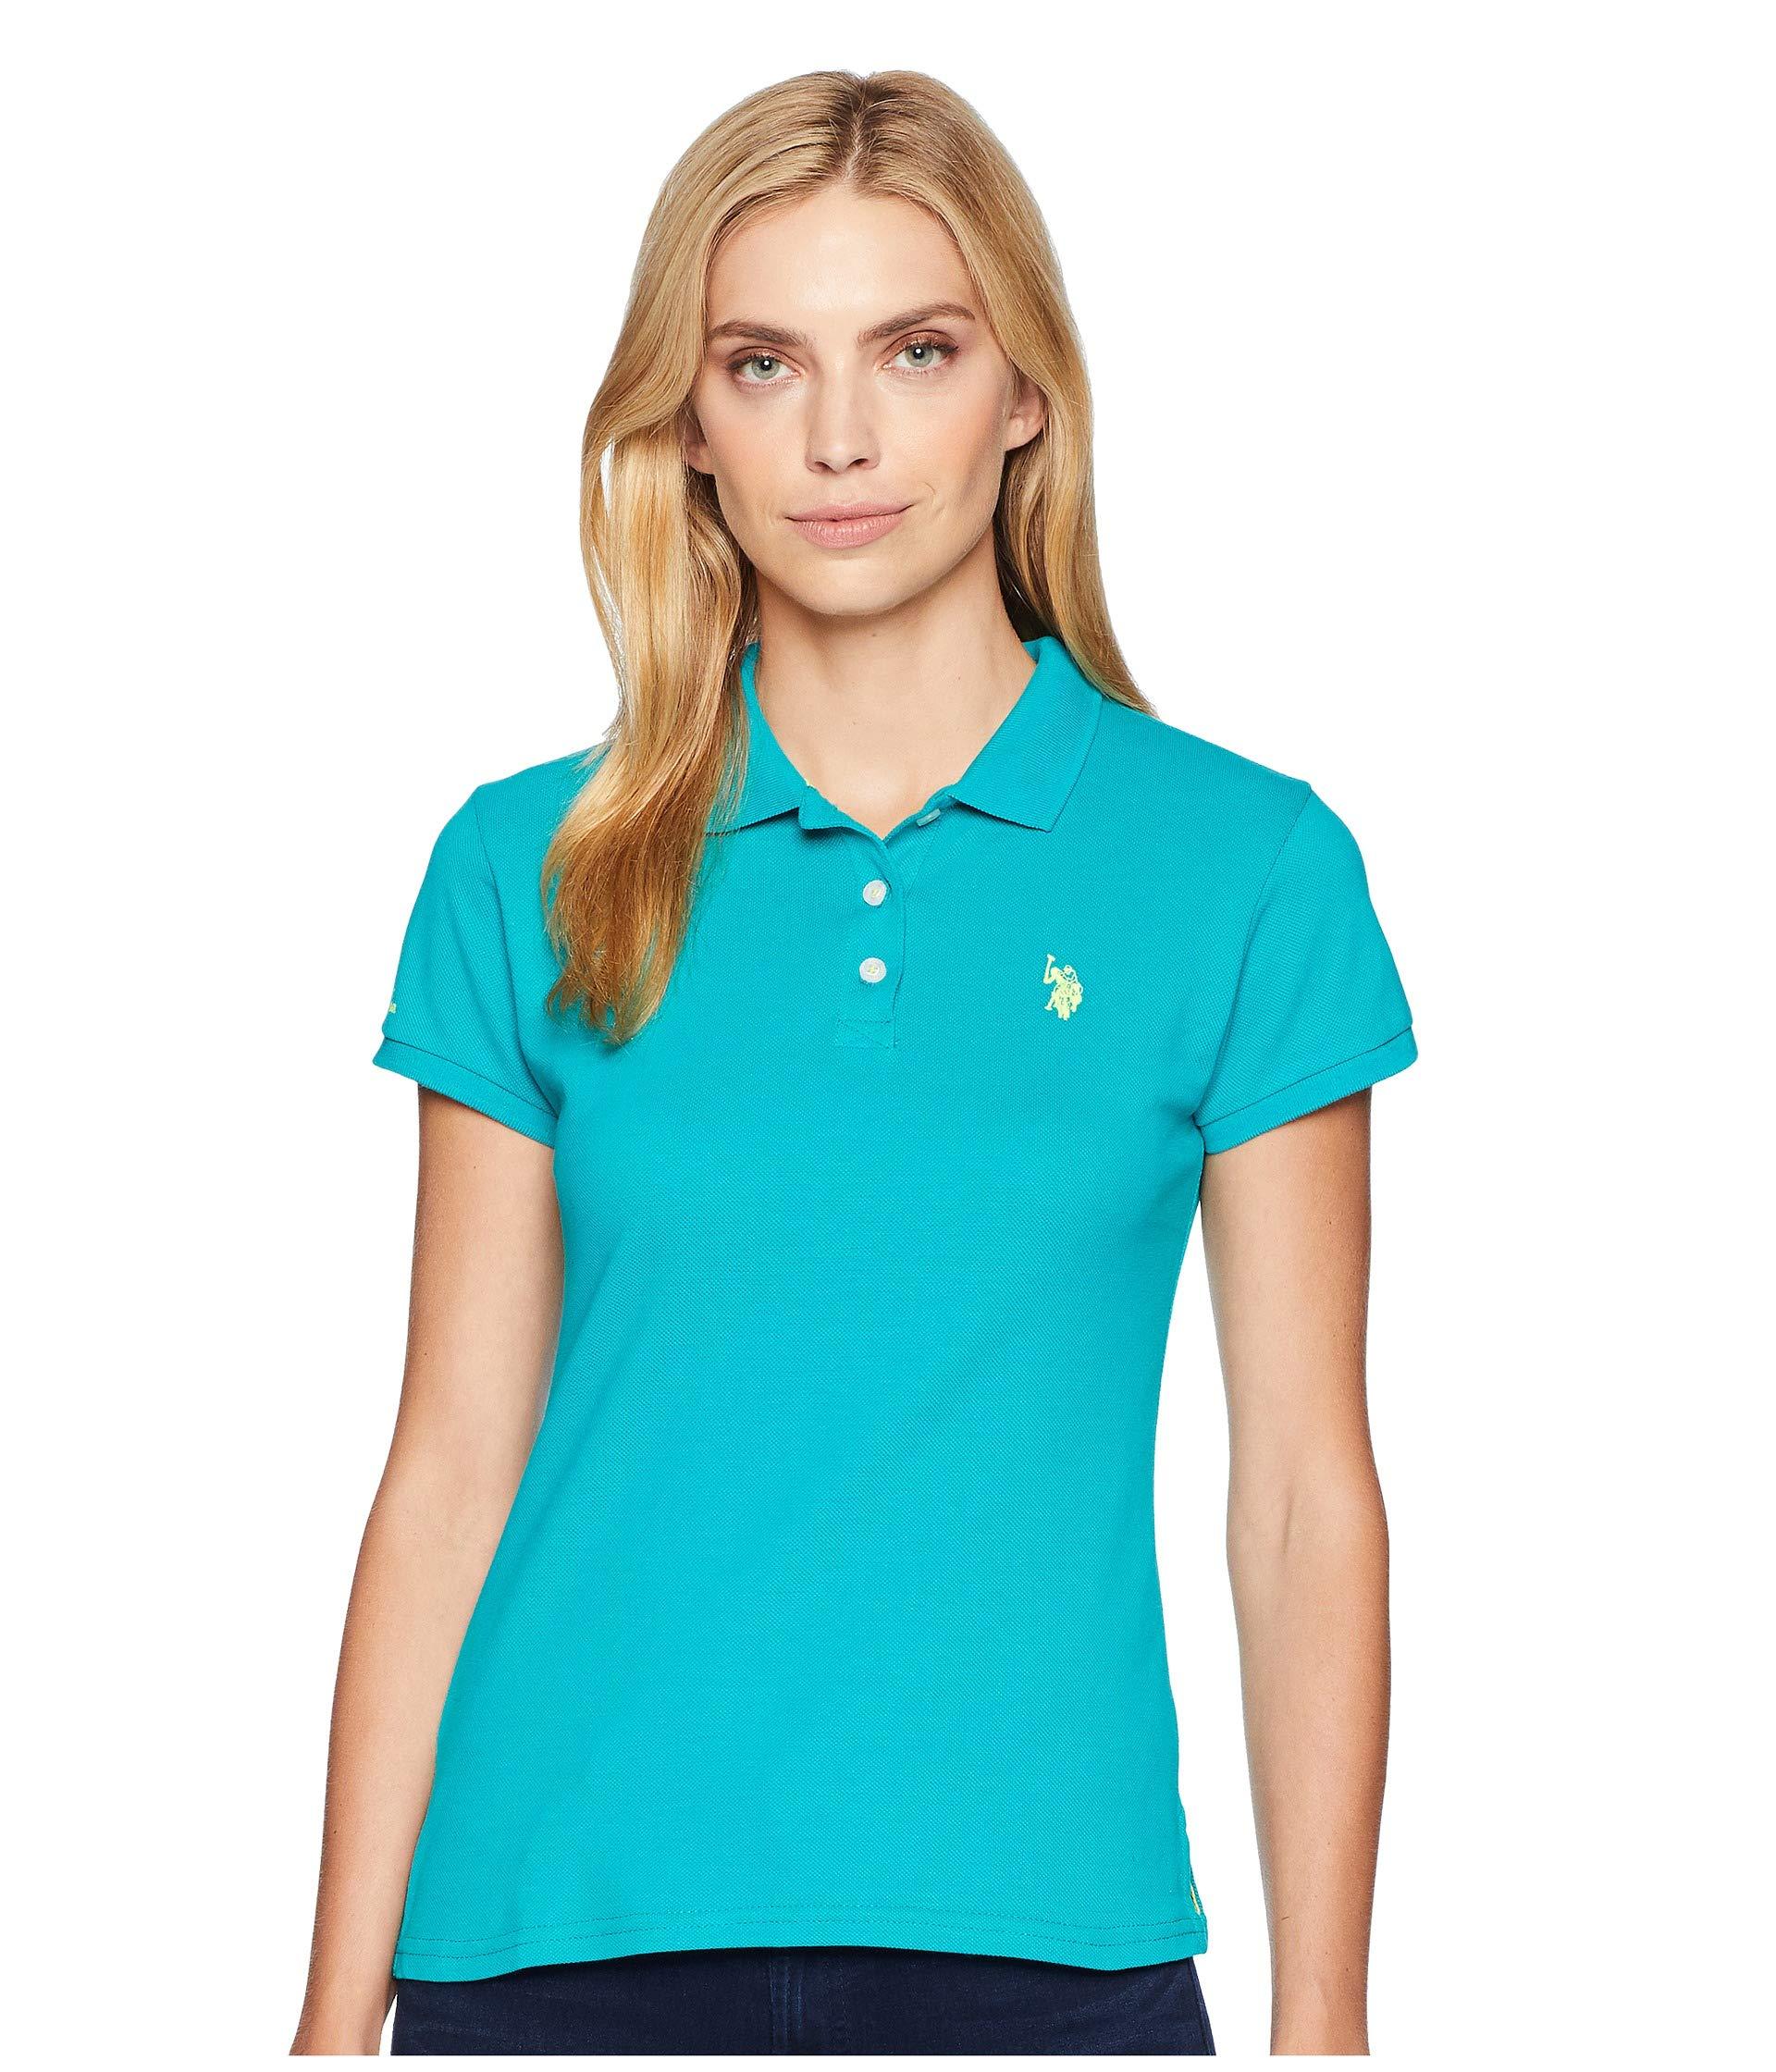 Camiseta Tipo Polo para Mujer U.S. POLO ASSN. Solid Pique Polo Shirt  + U.S. POLO ASSN. en VeoyCompro.net